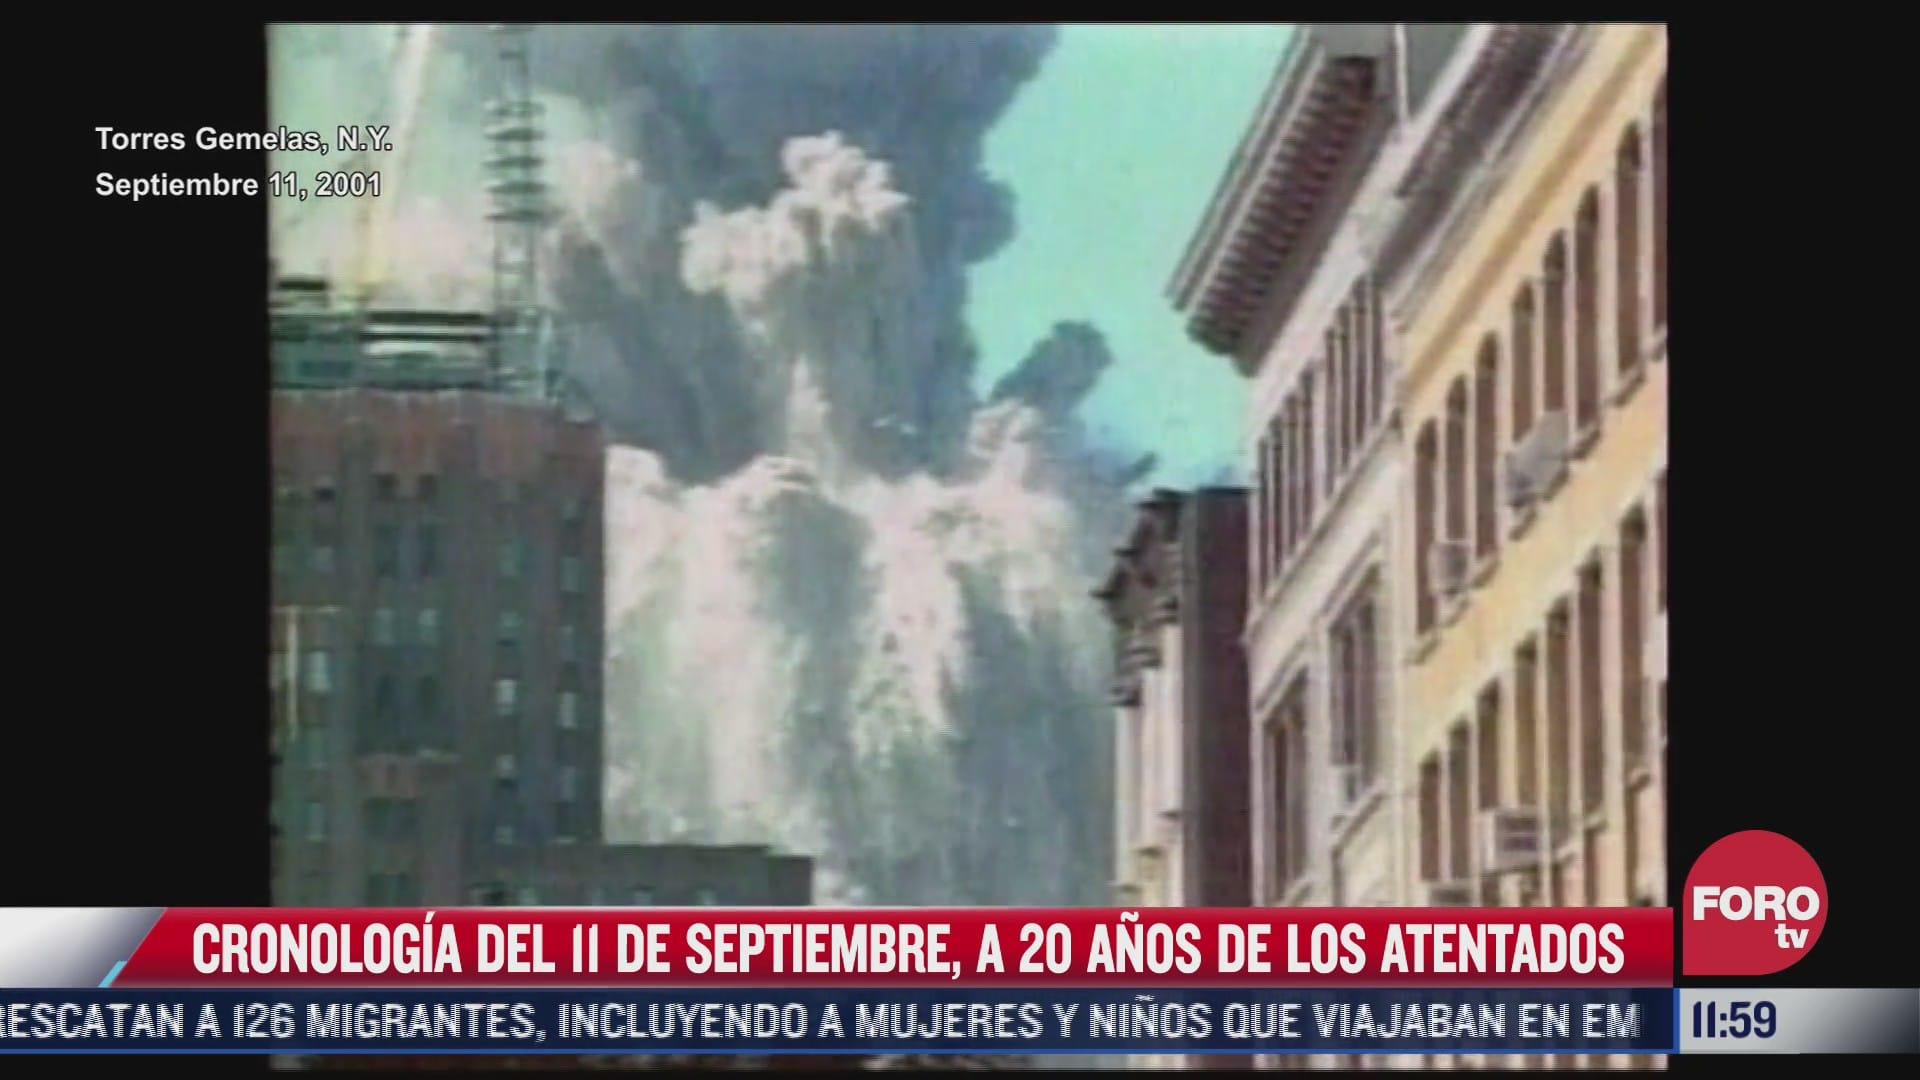 cronologia del 11 de septiembre a 20 anos de los atentados